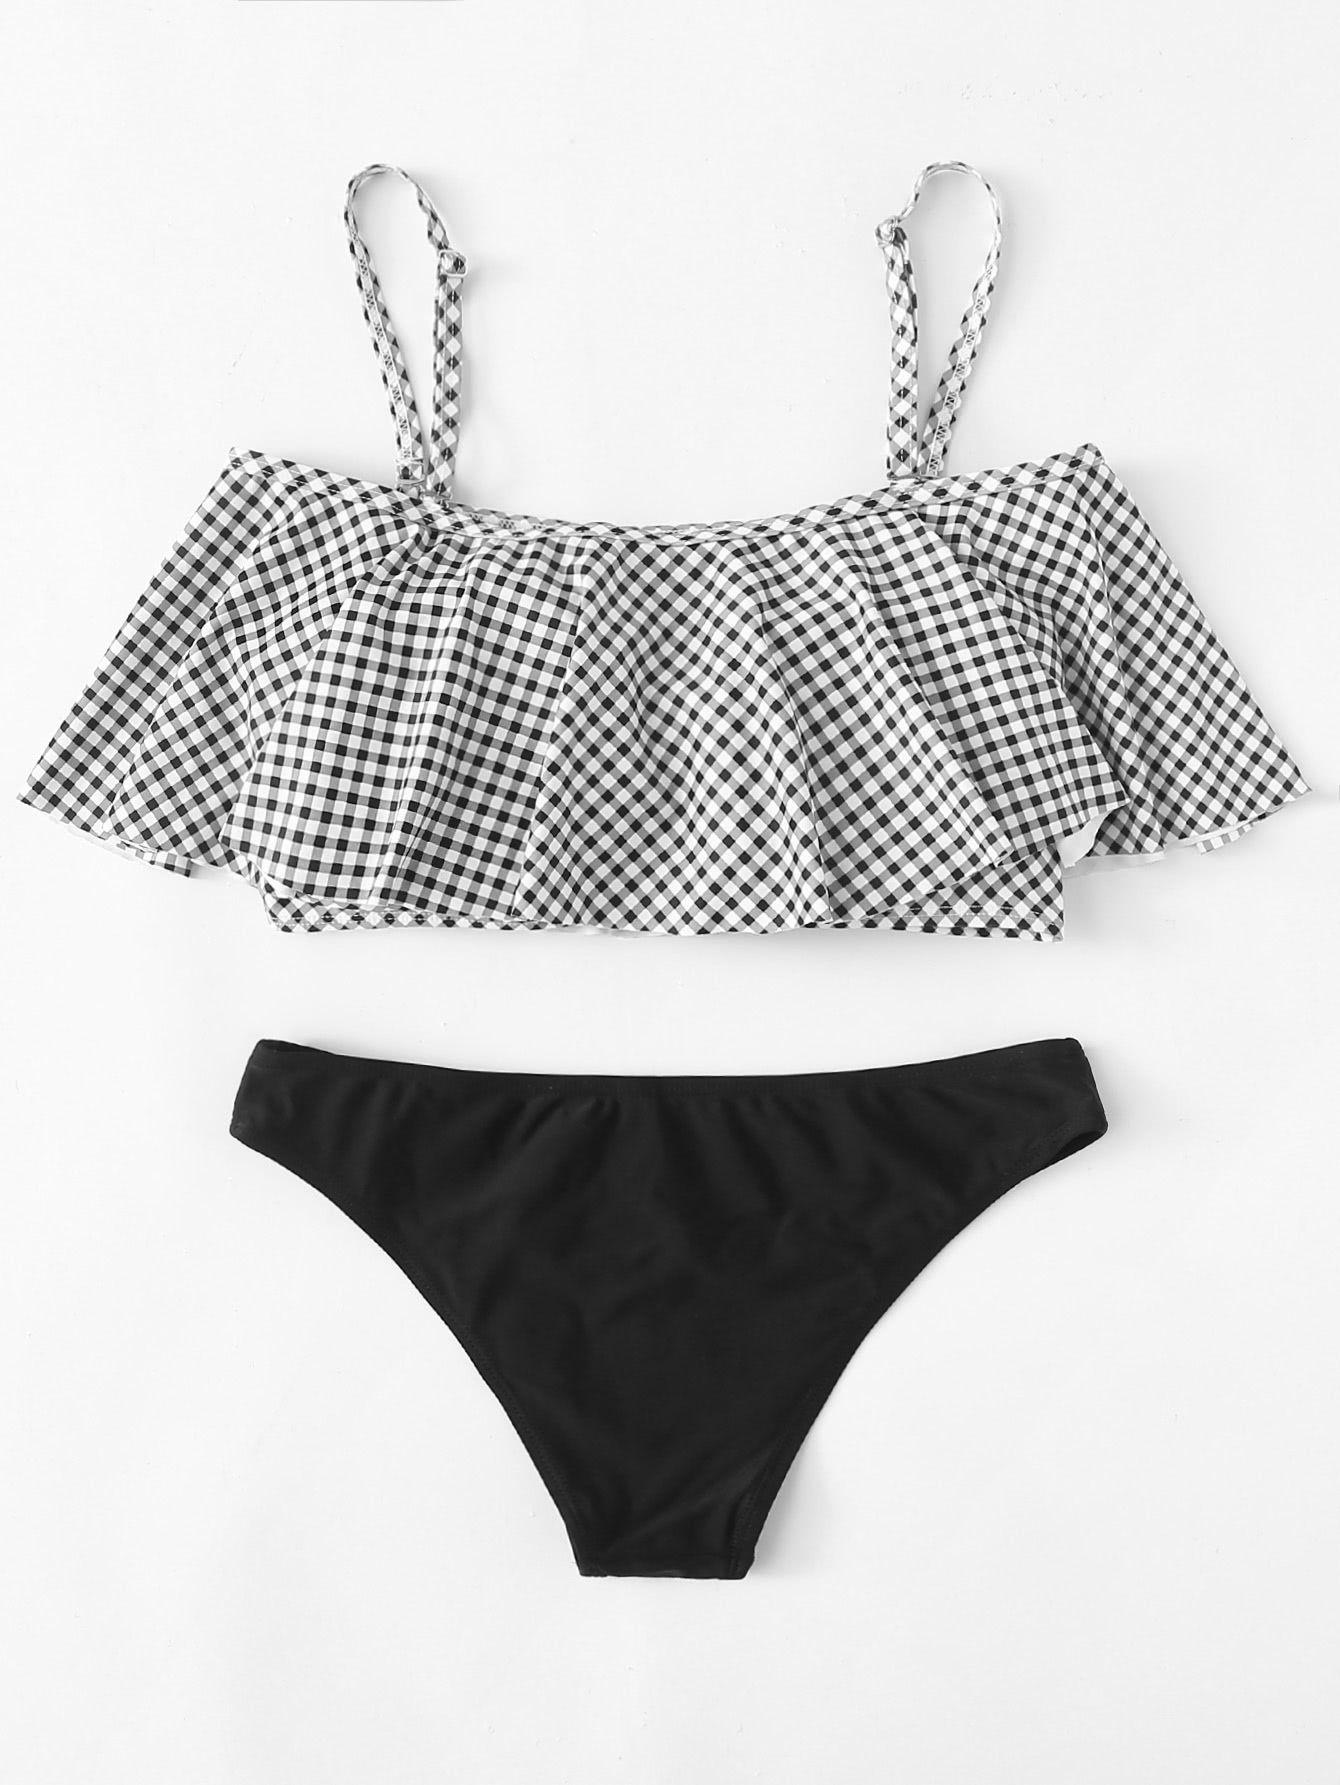 3f37b7f61d Flounce Embellished Gingham Bikini Set -SheIn(Sheinside) | Swim in ...